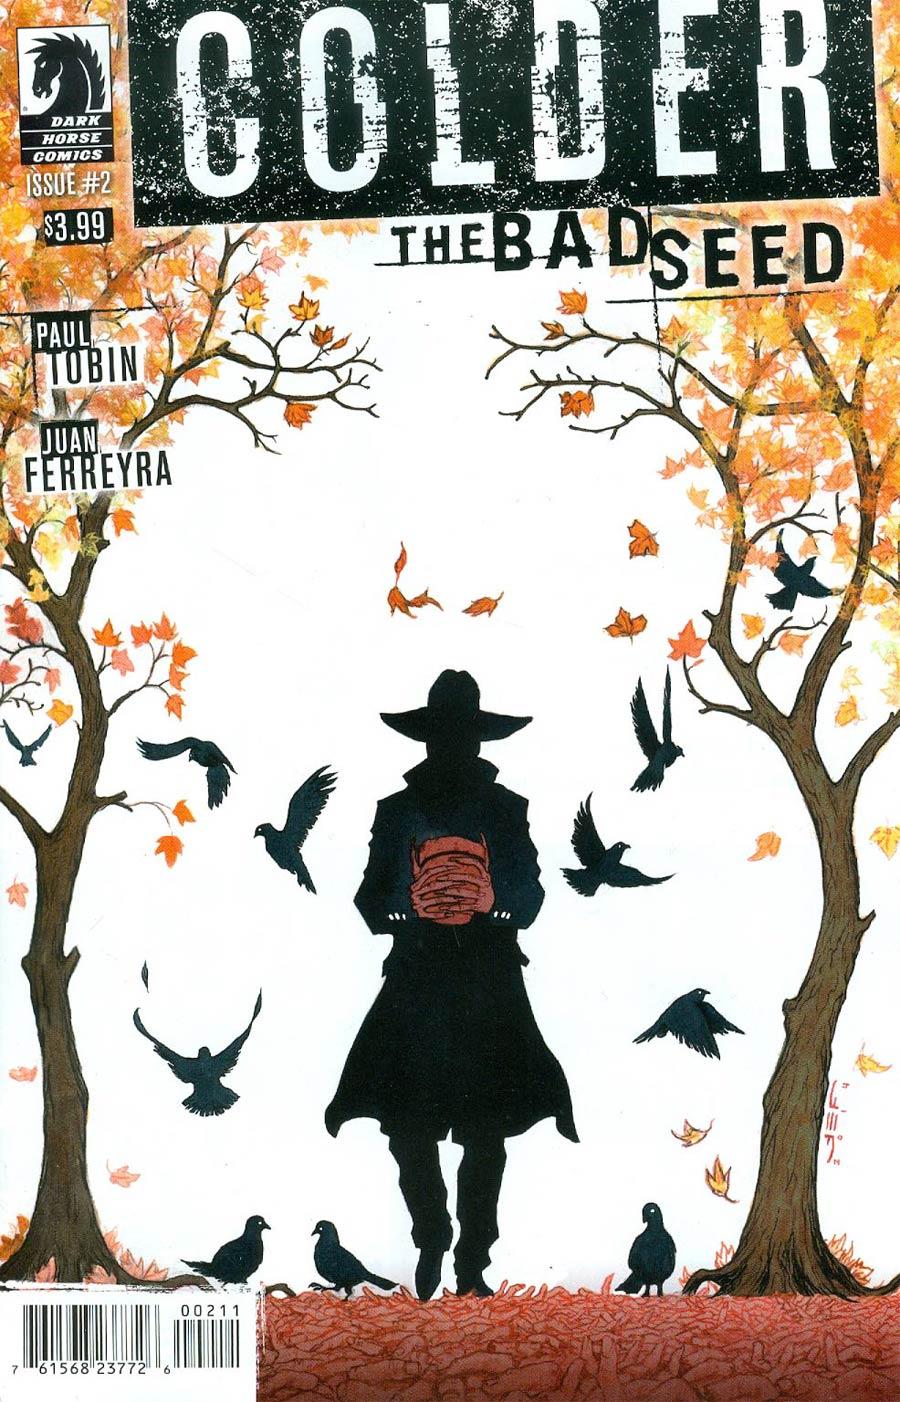 Colder Bad Seed #2